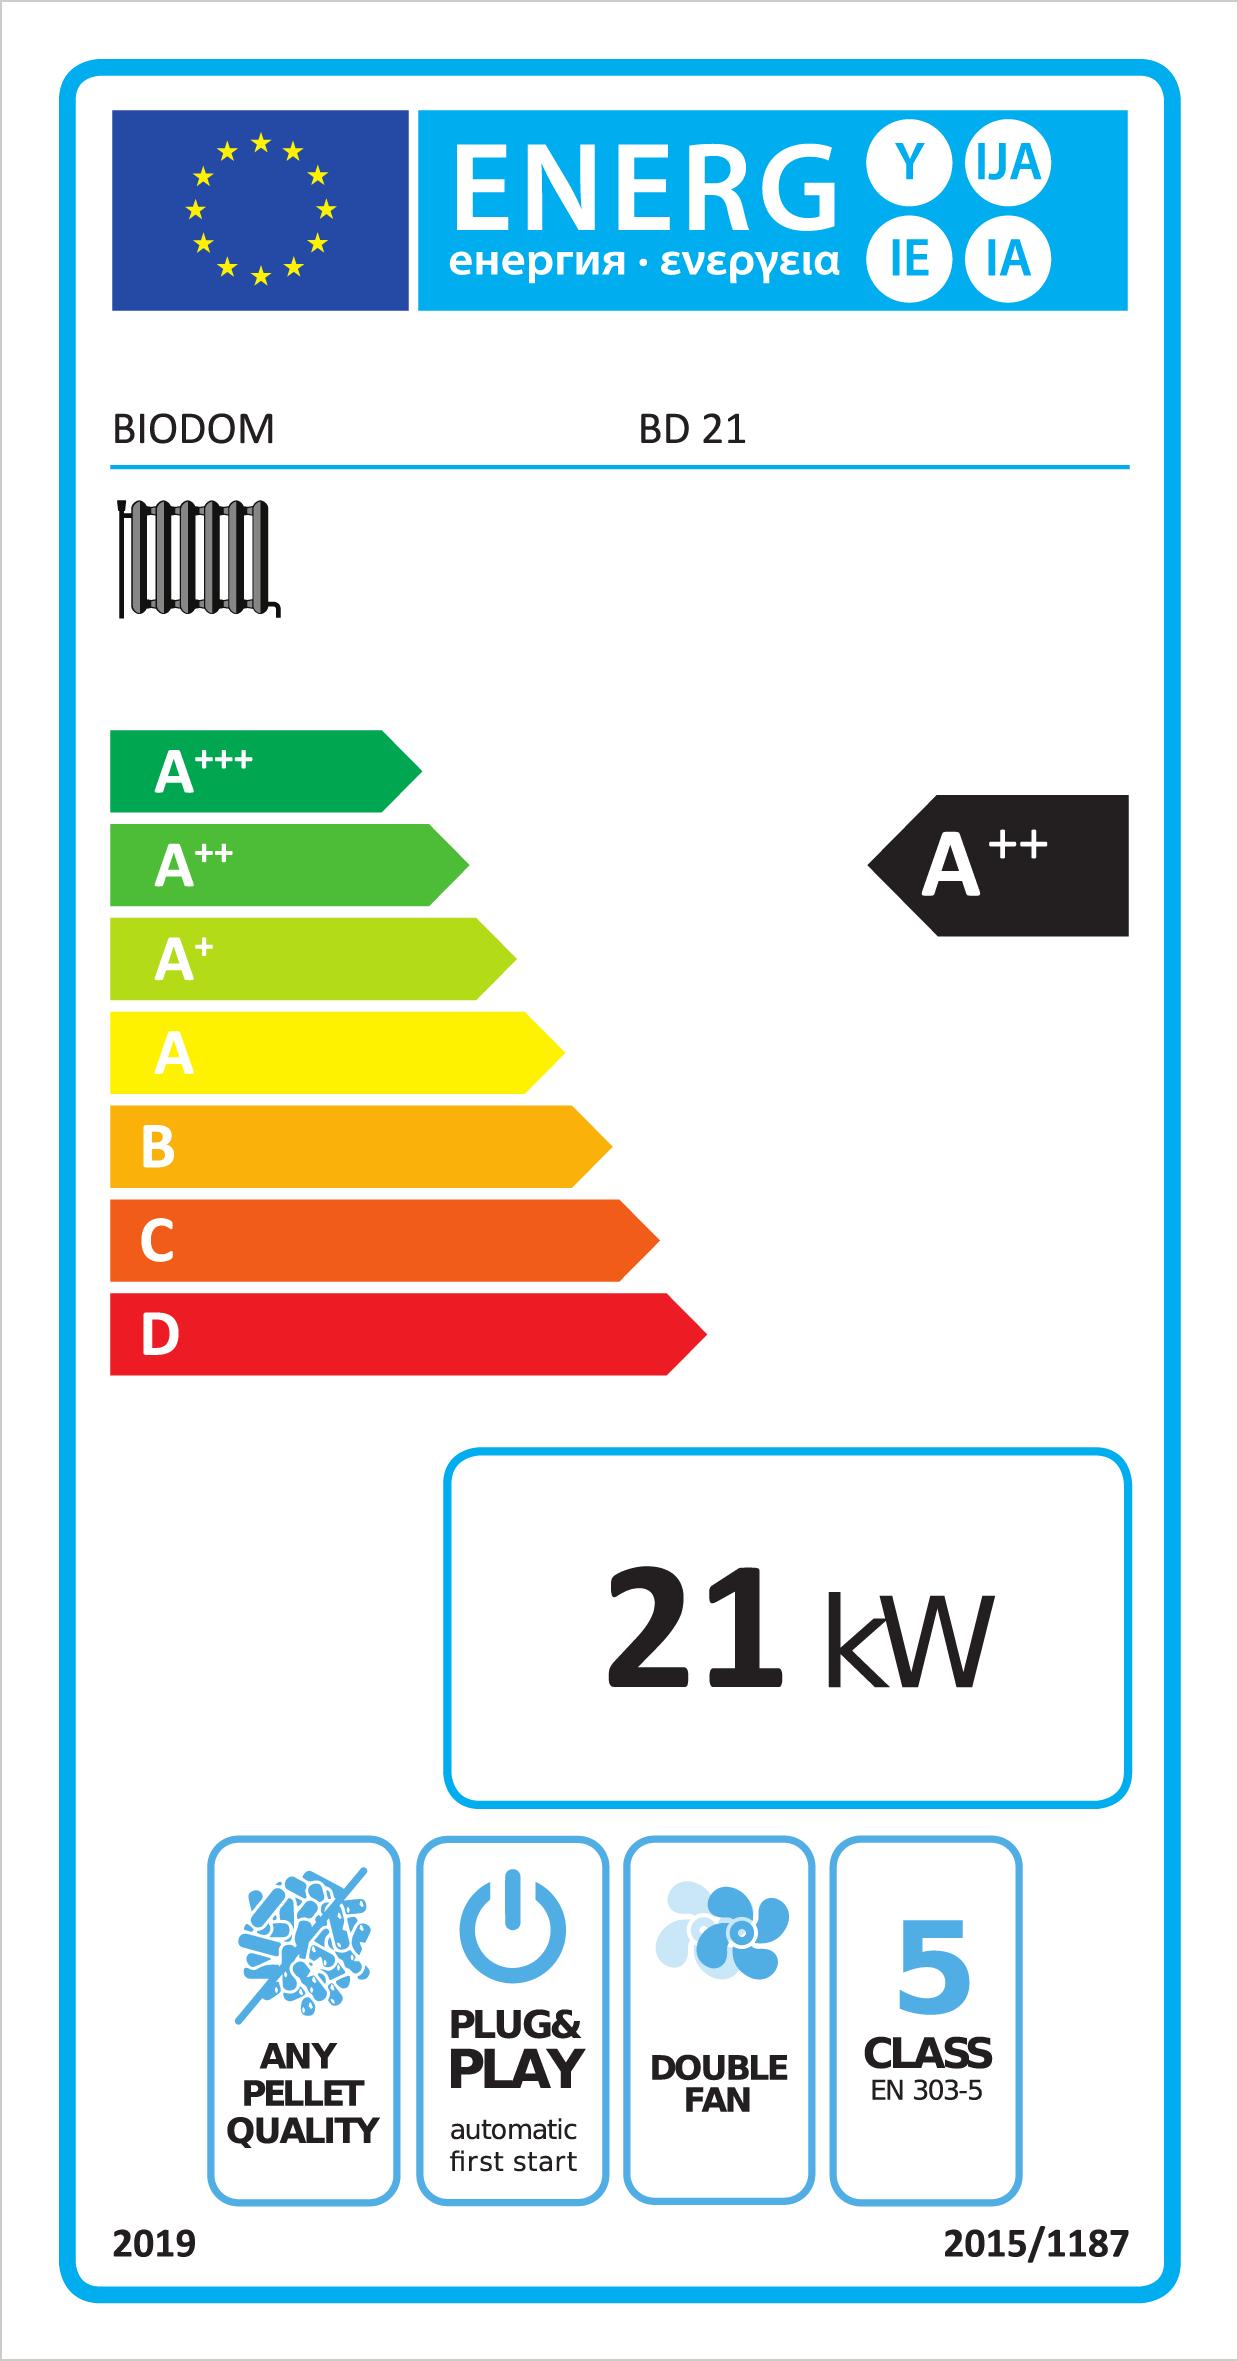 Energielabel A++ van de Biodom LX